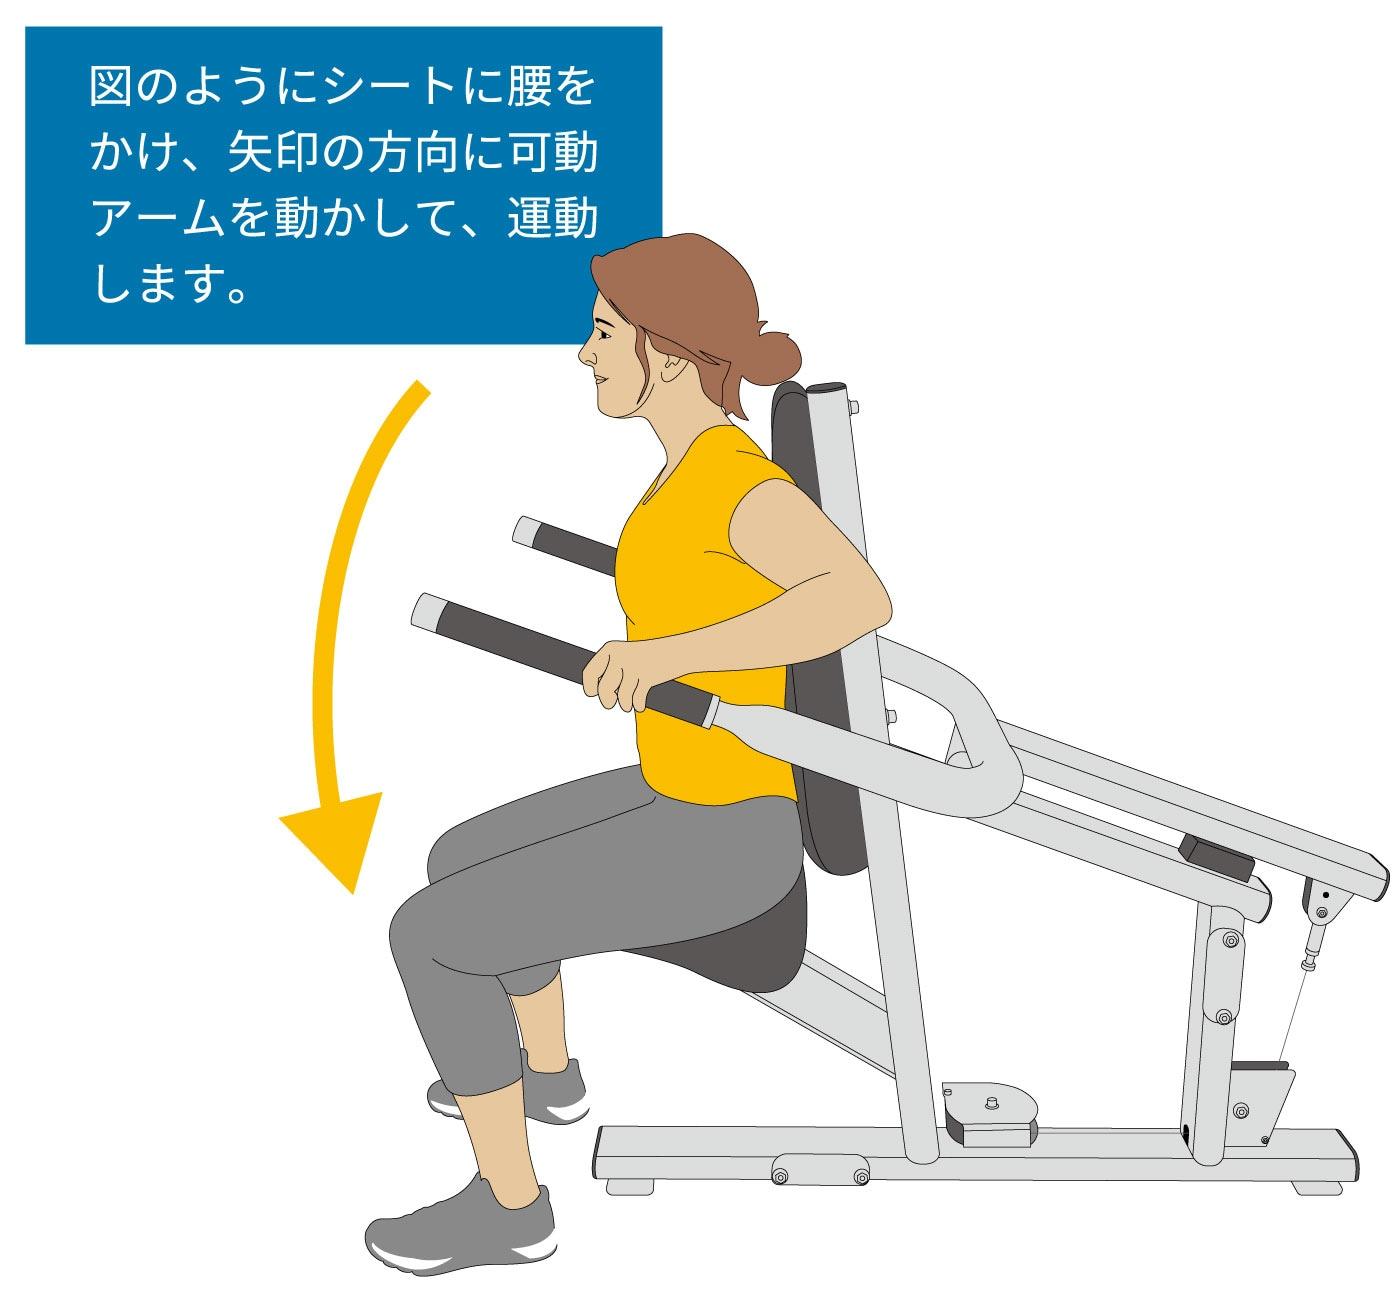 トライセプスプレスのトレーニング方法